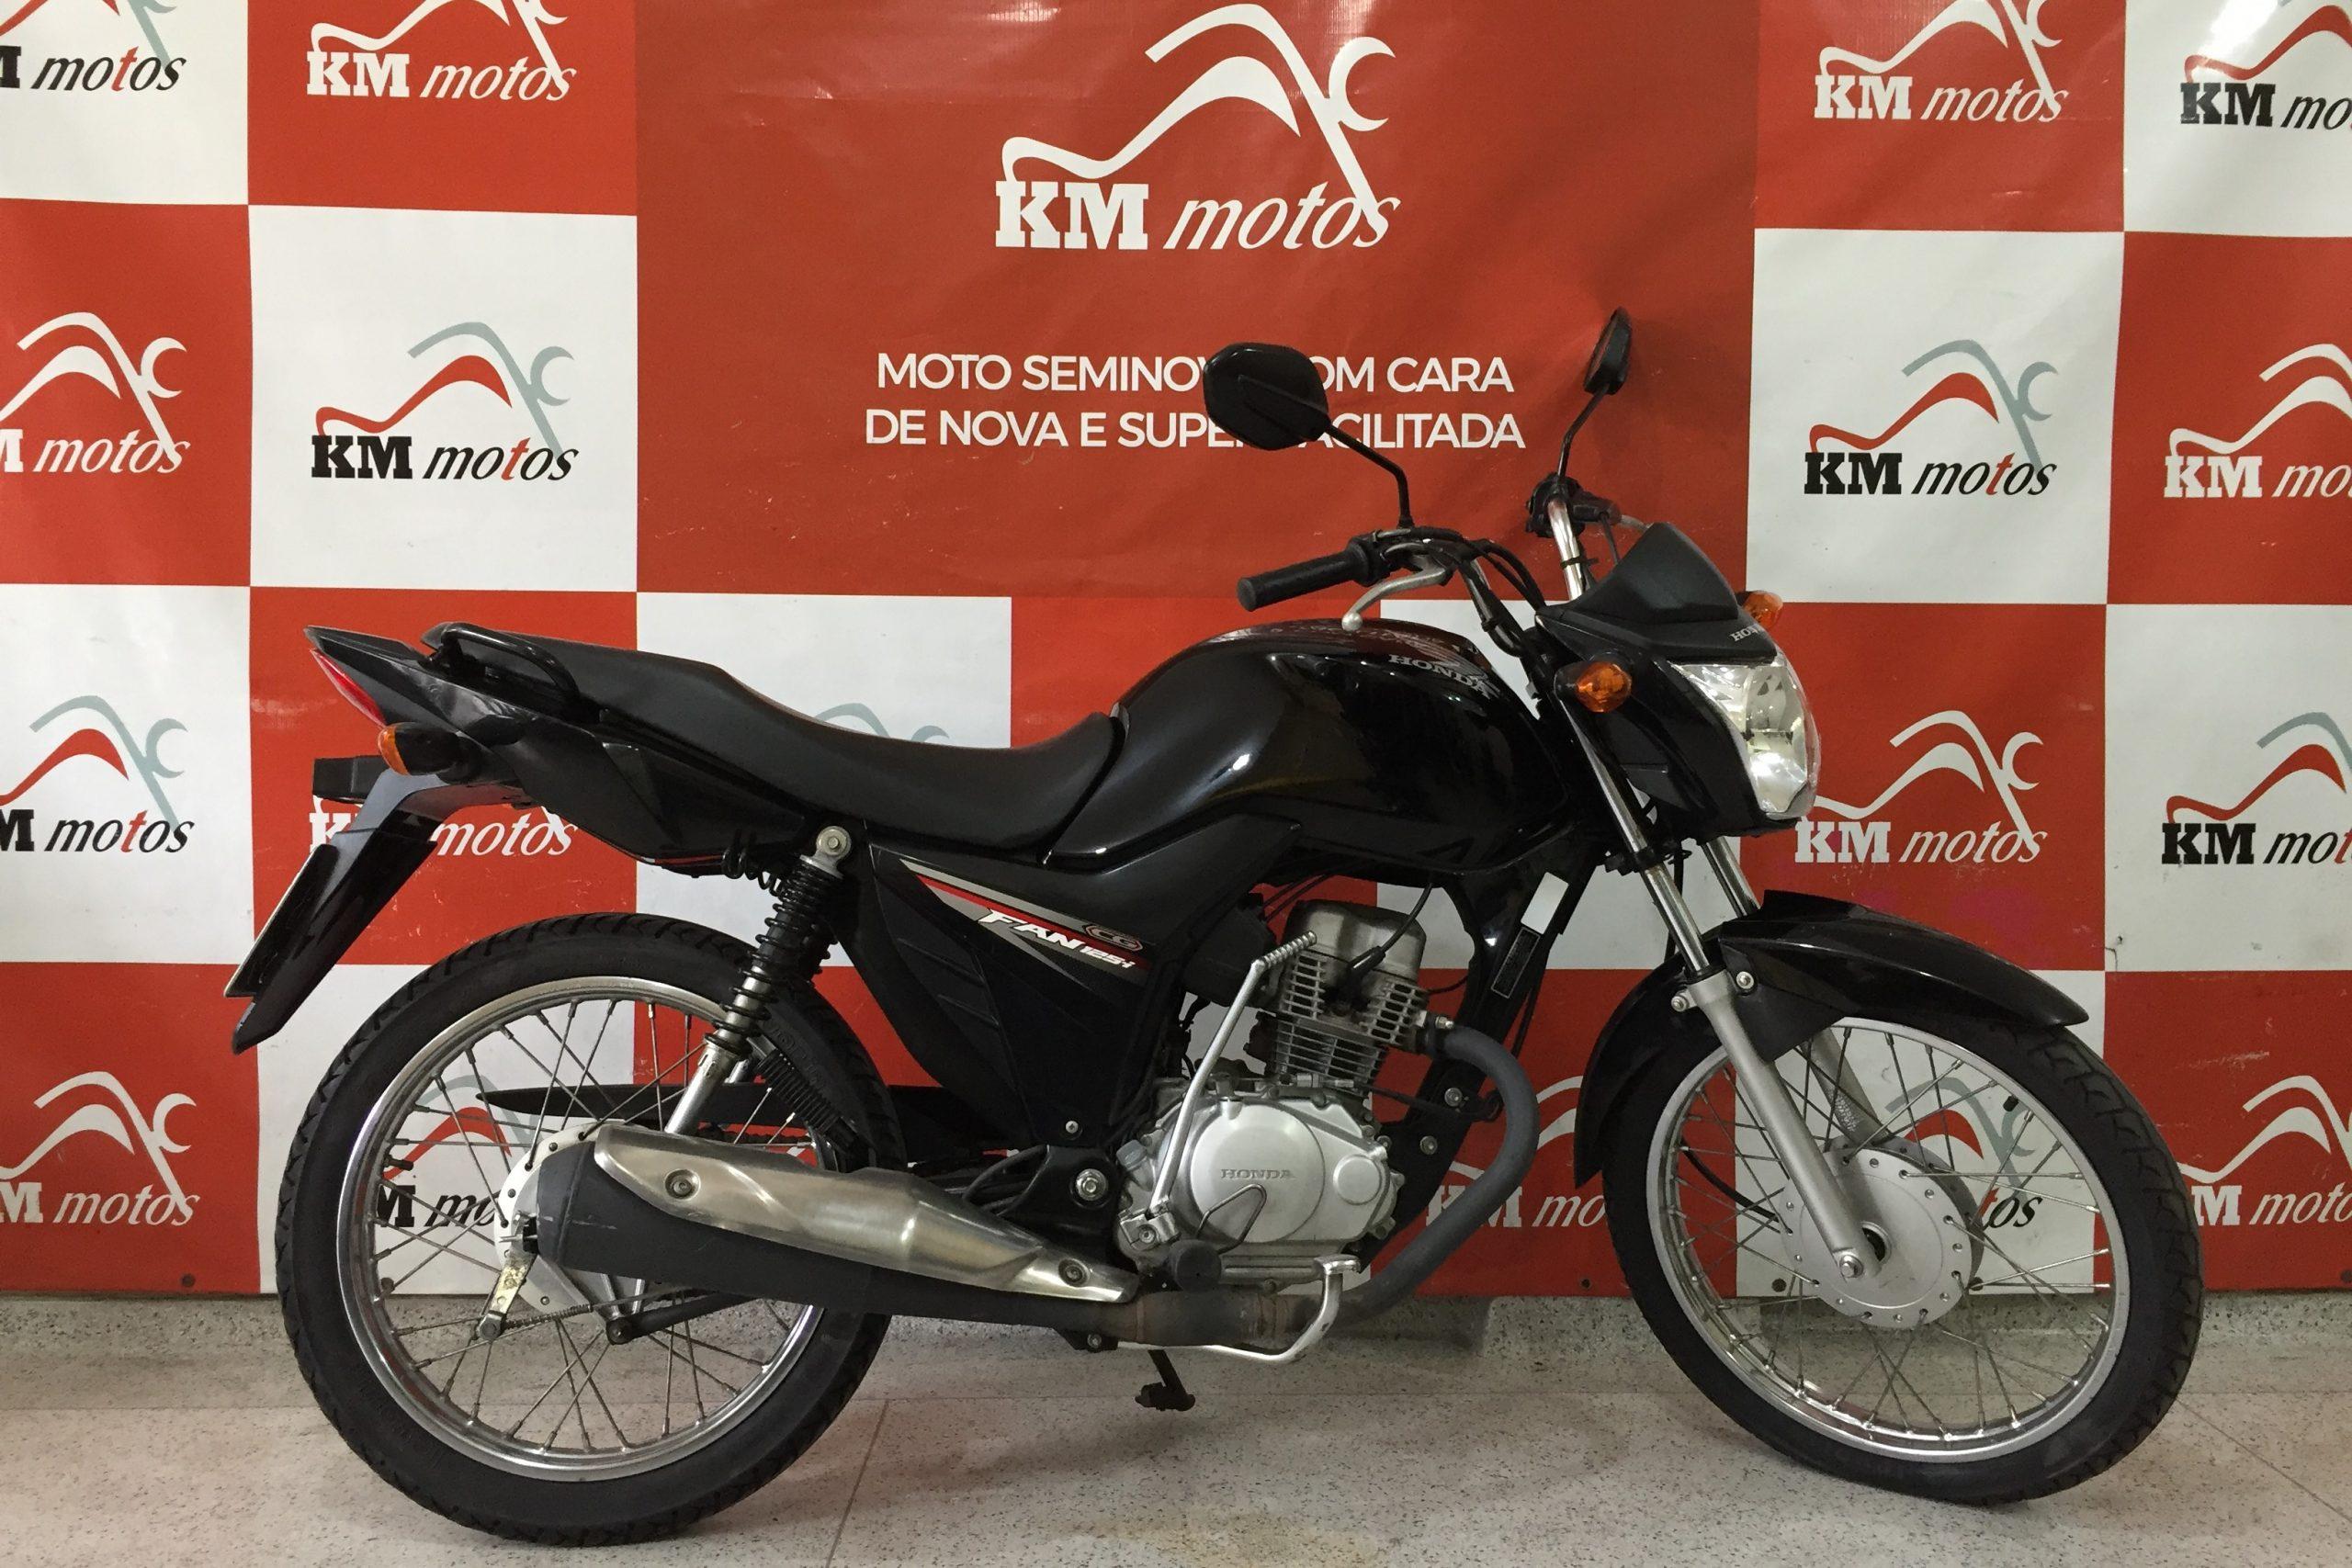 Honda CG 125 I Preta 2018